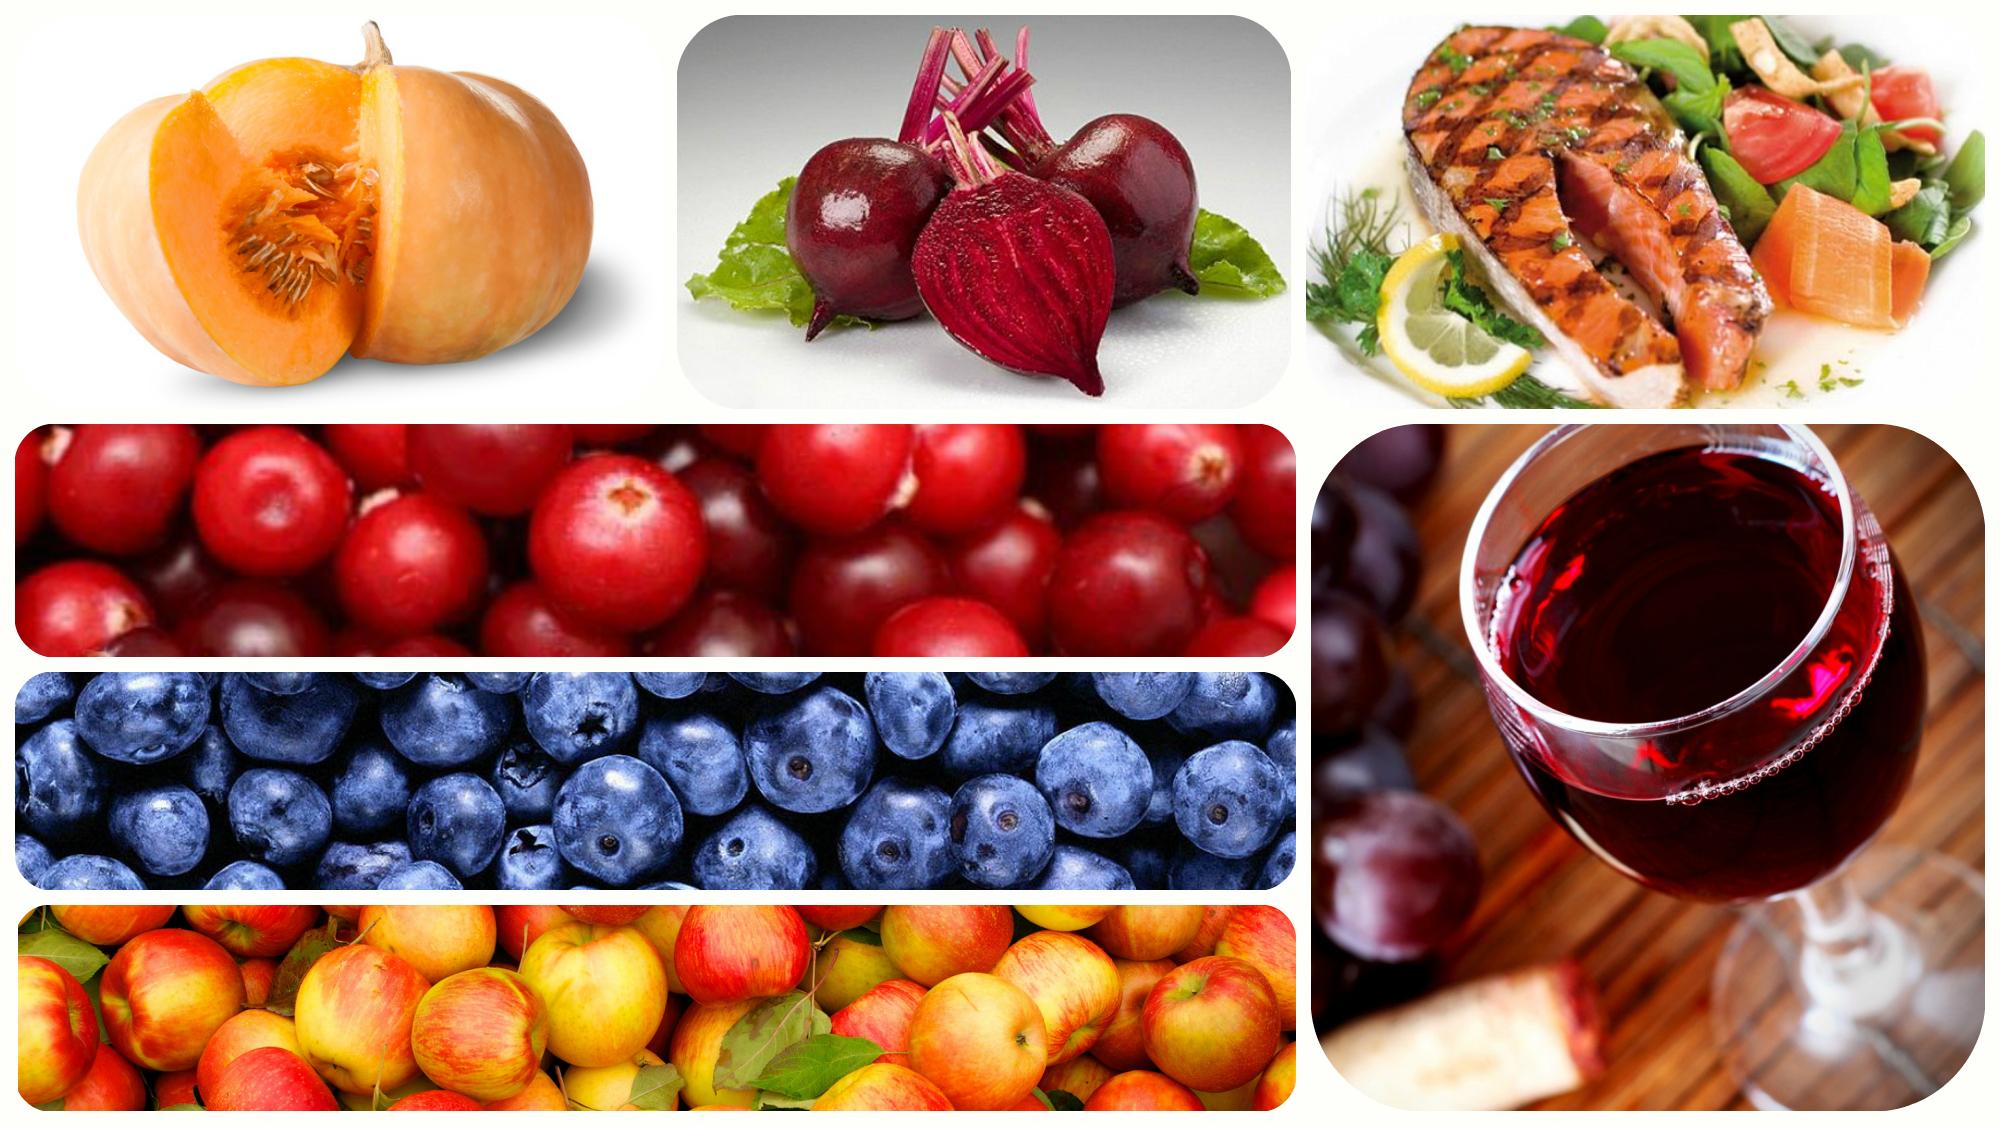 клюква,яблоки, свекла, тыква, черника ,красное вино